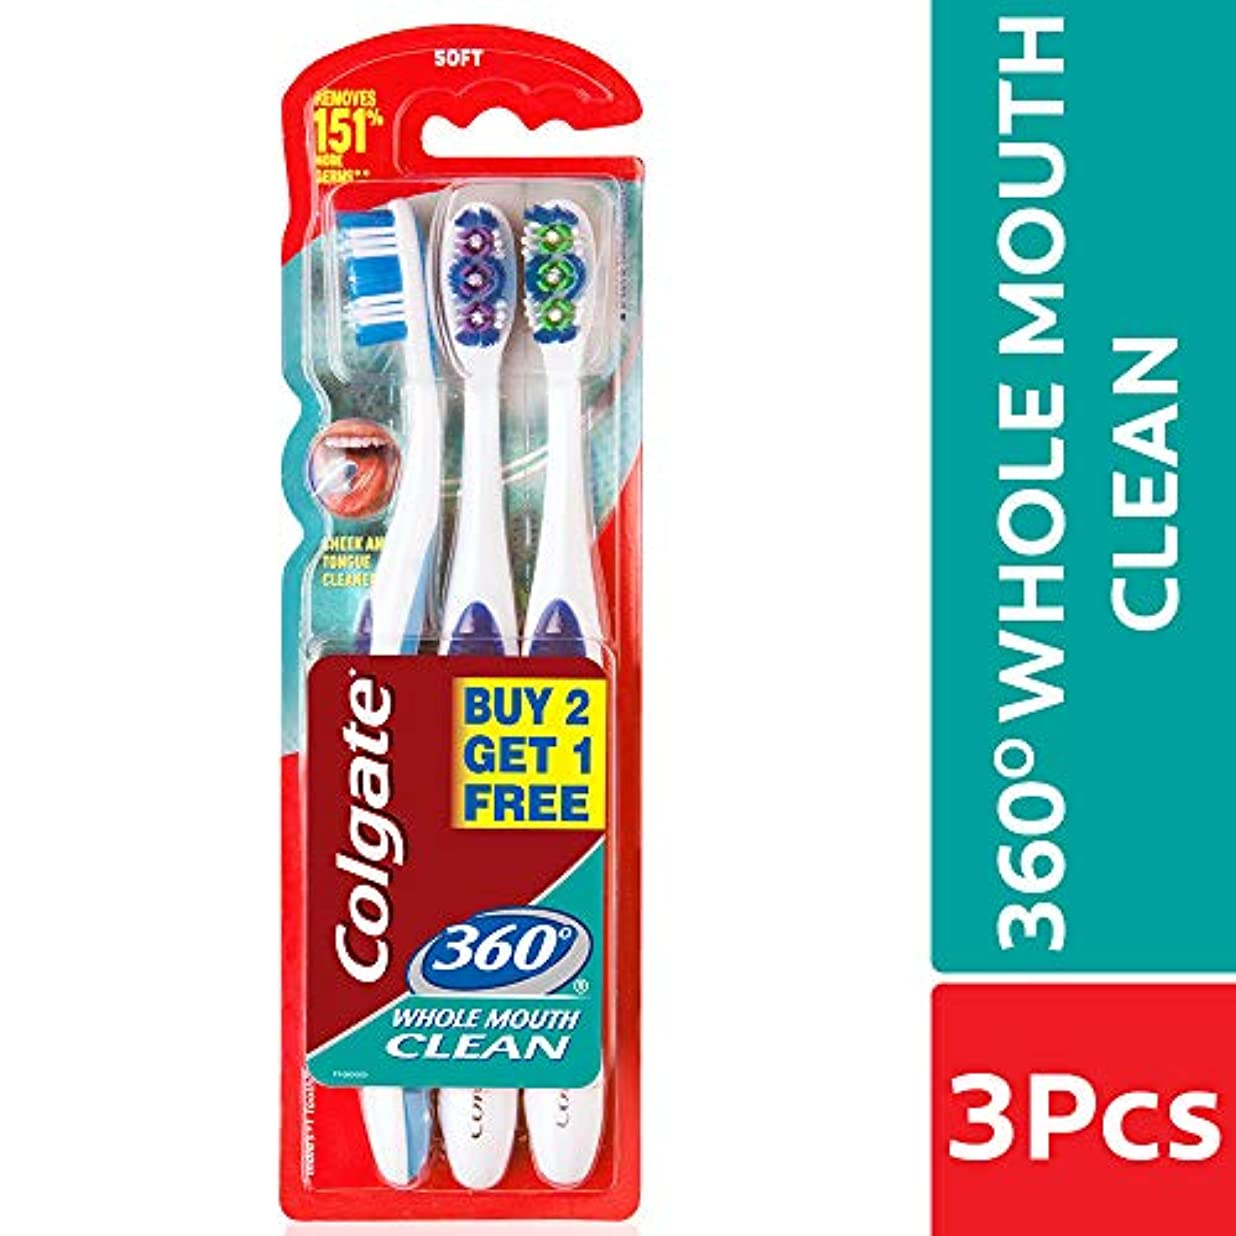 ウィザード変更可能ファセットColgate 360 whole mouth clean (MEDIUM) toothbrush (3pc pack)